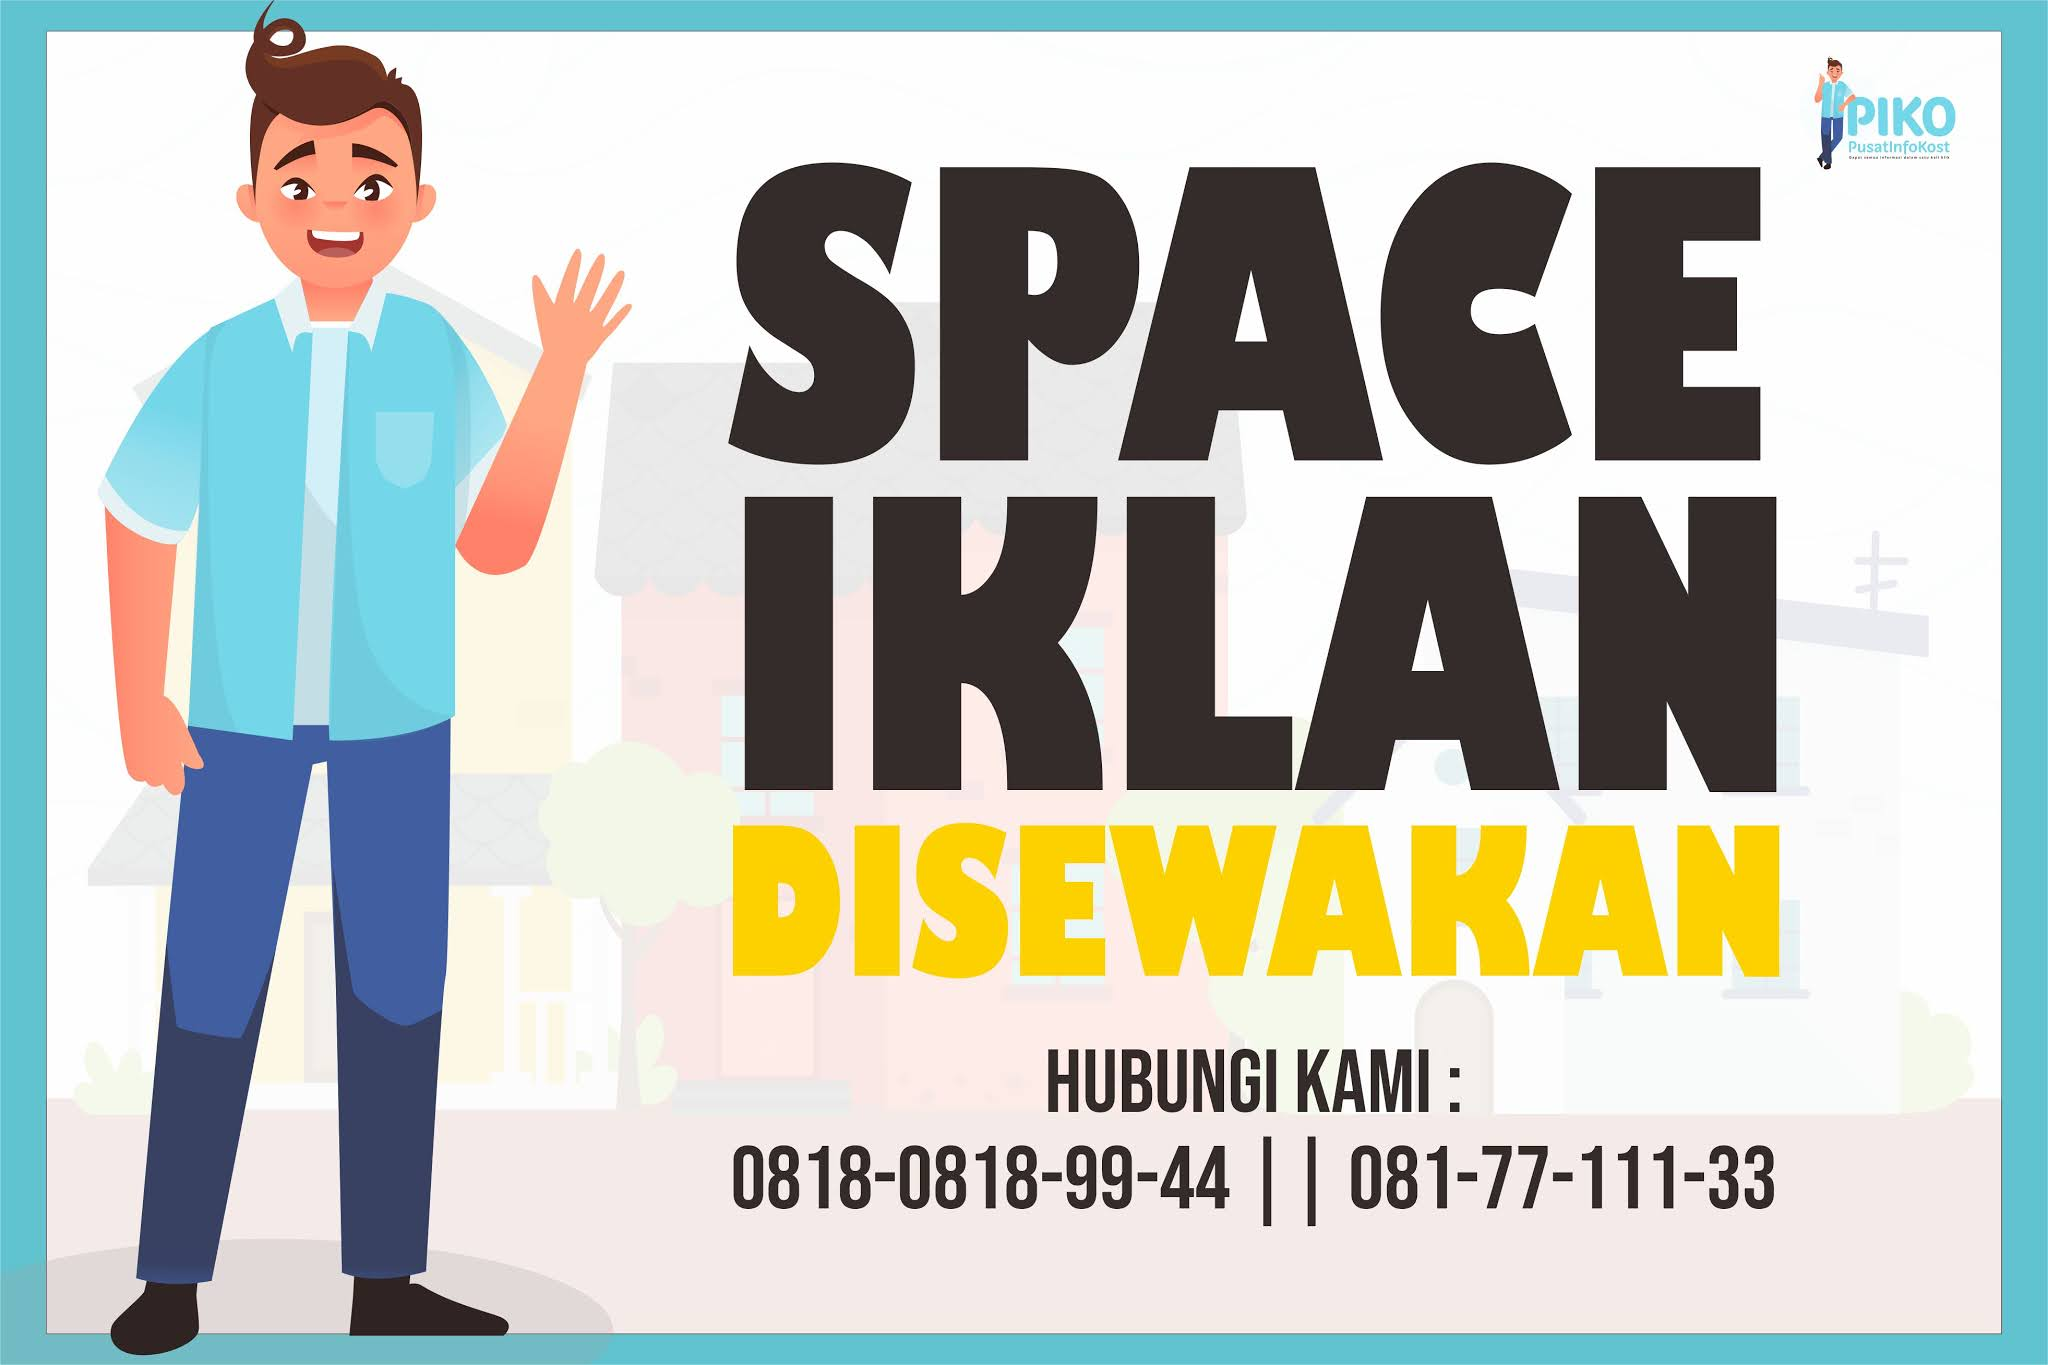 Space iklan disewakan